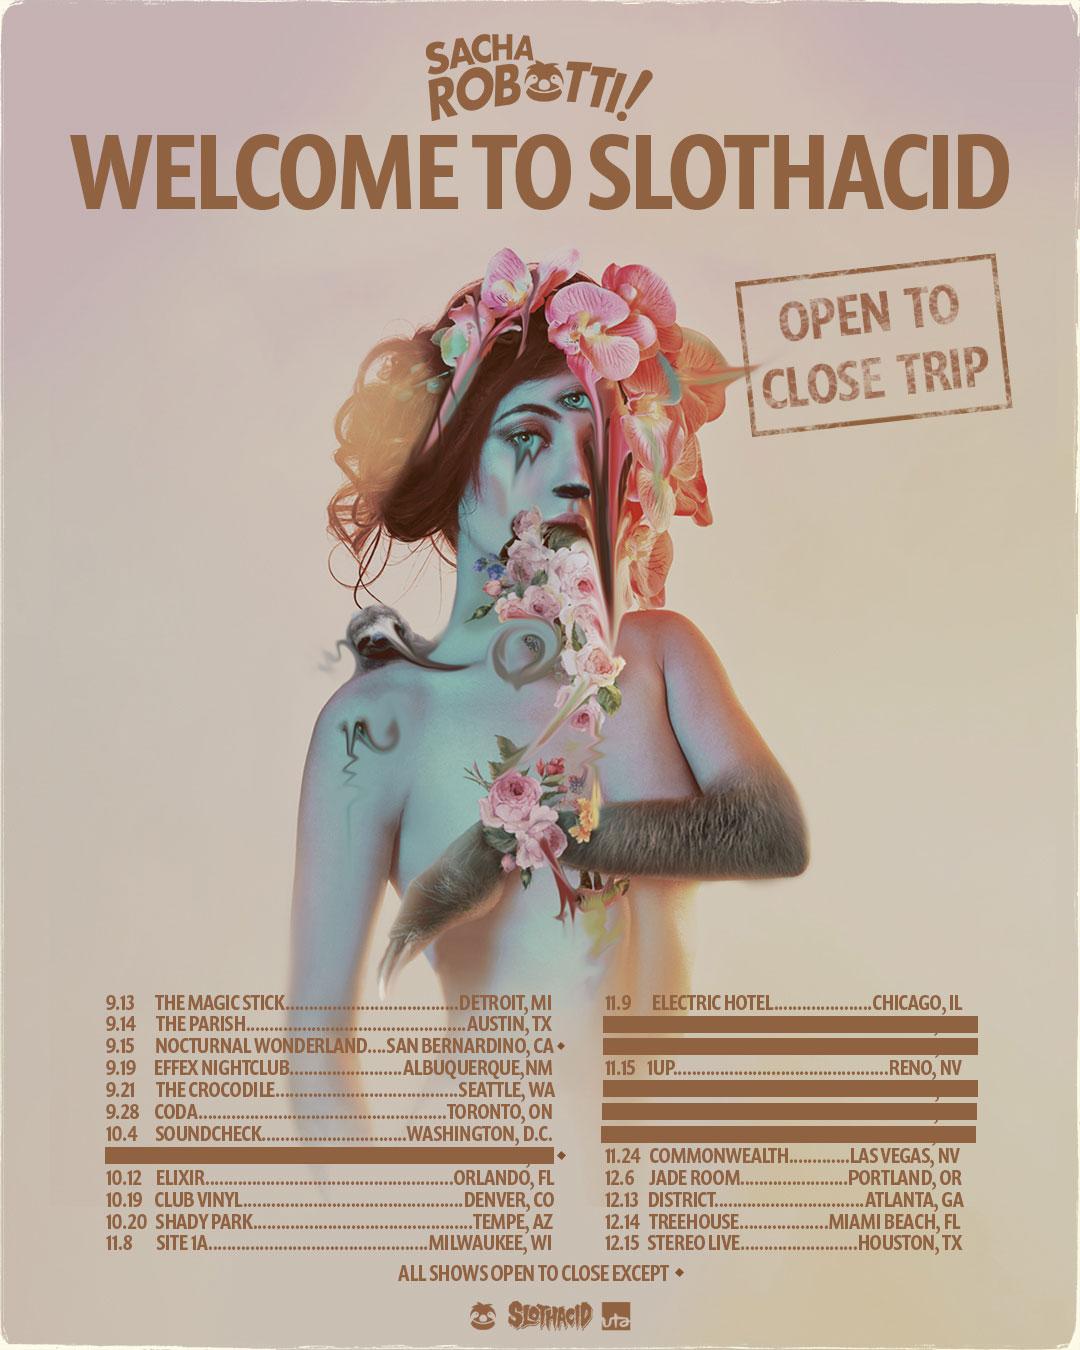 Sacha Robotti Welcome to Slothacid Tour